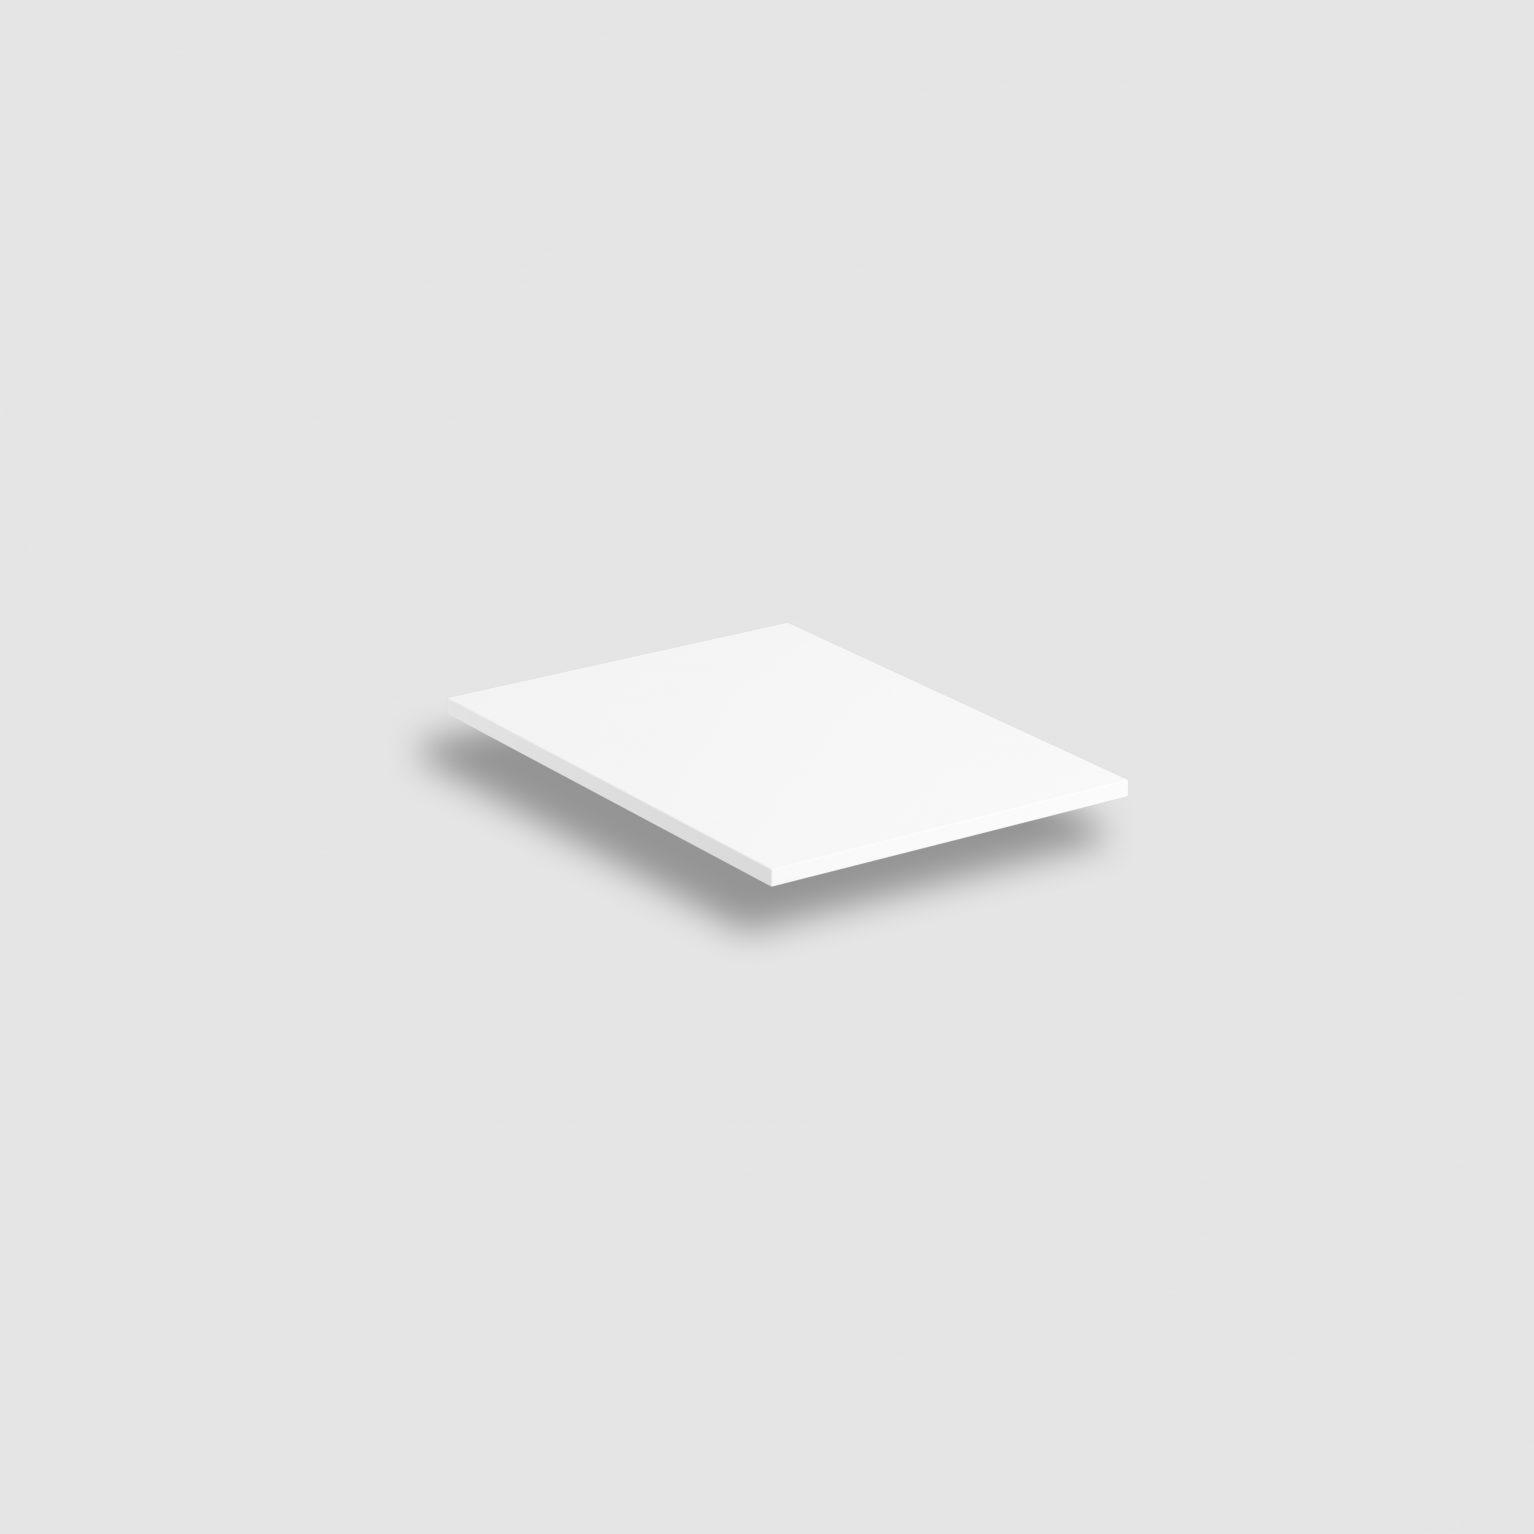 Hammock Frame inleg planchet 40 cm, mat wit aluite)